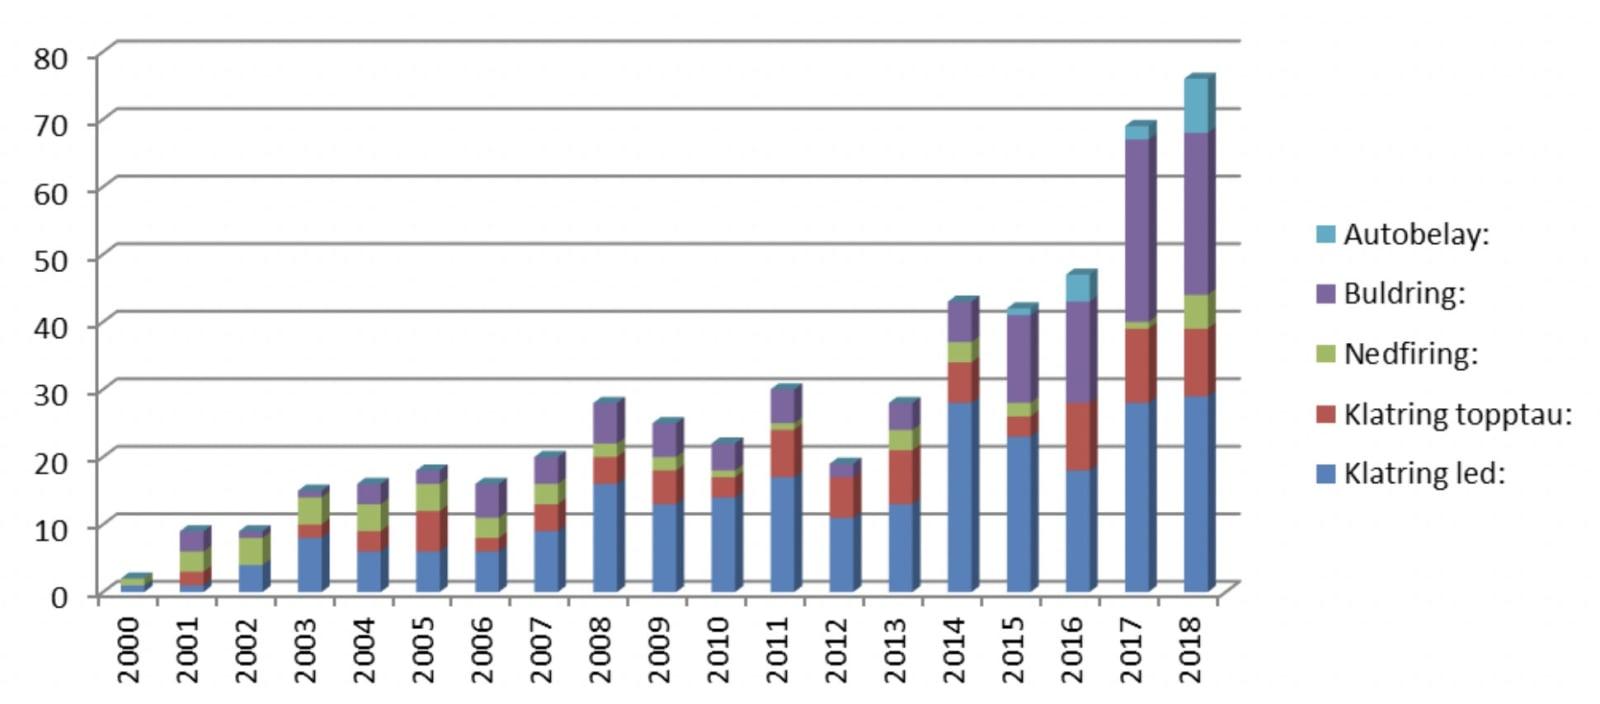 statistikk klatreulykker